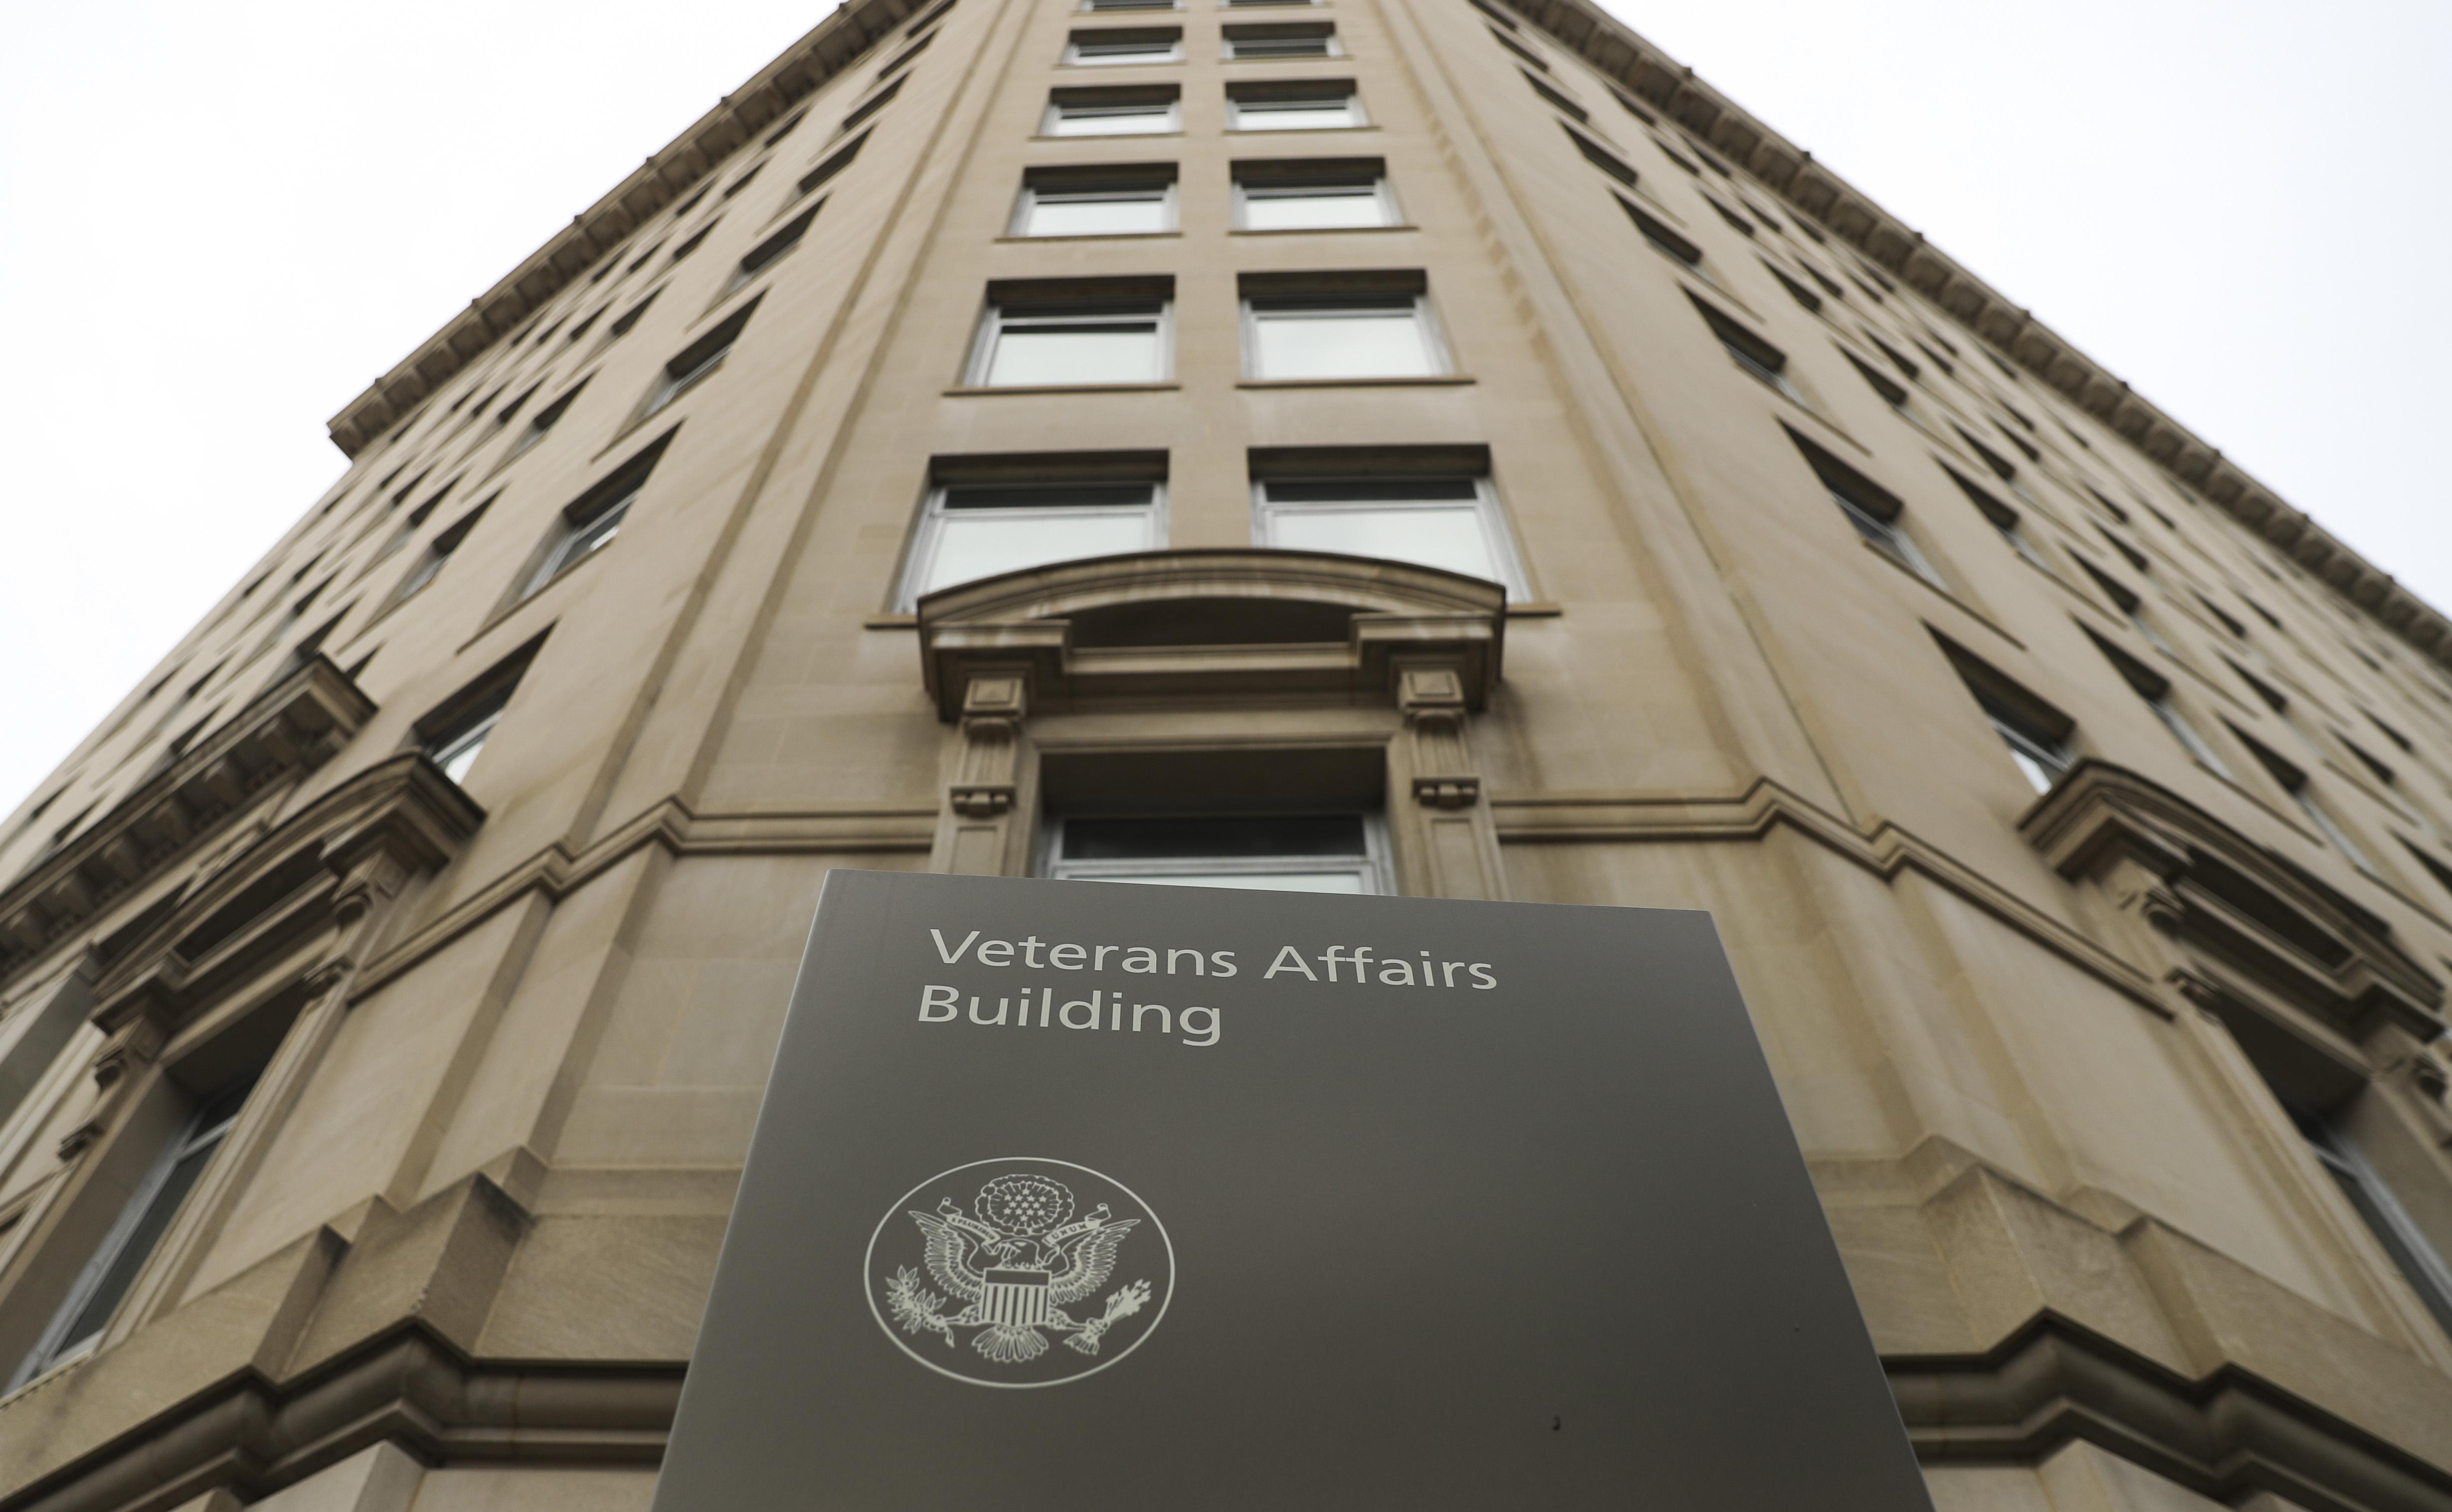 VA whistleblowers say they still face retaliation despite Trump's reforms